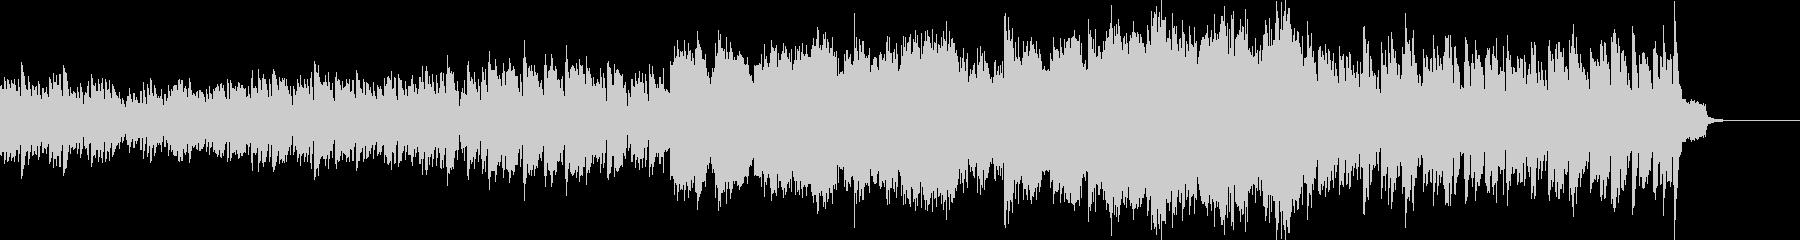 波のようなピアノの映像用BGMの未再生の波形